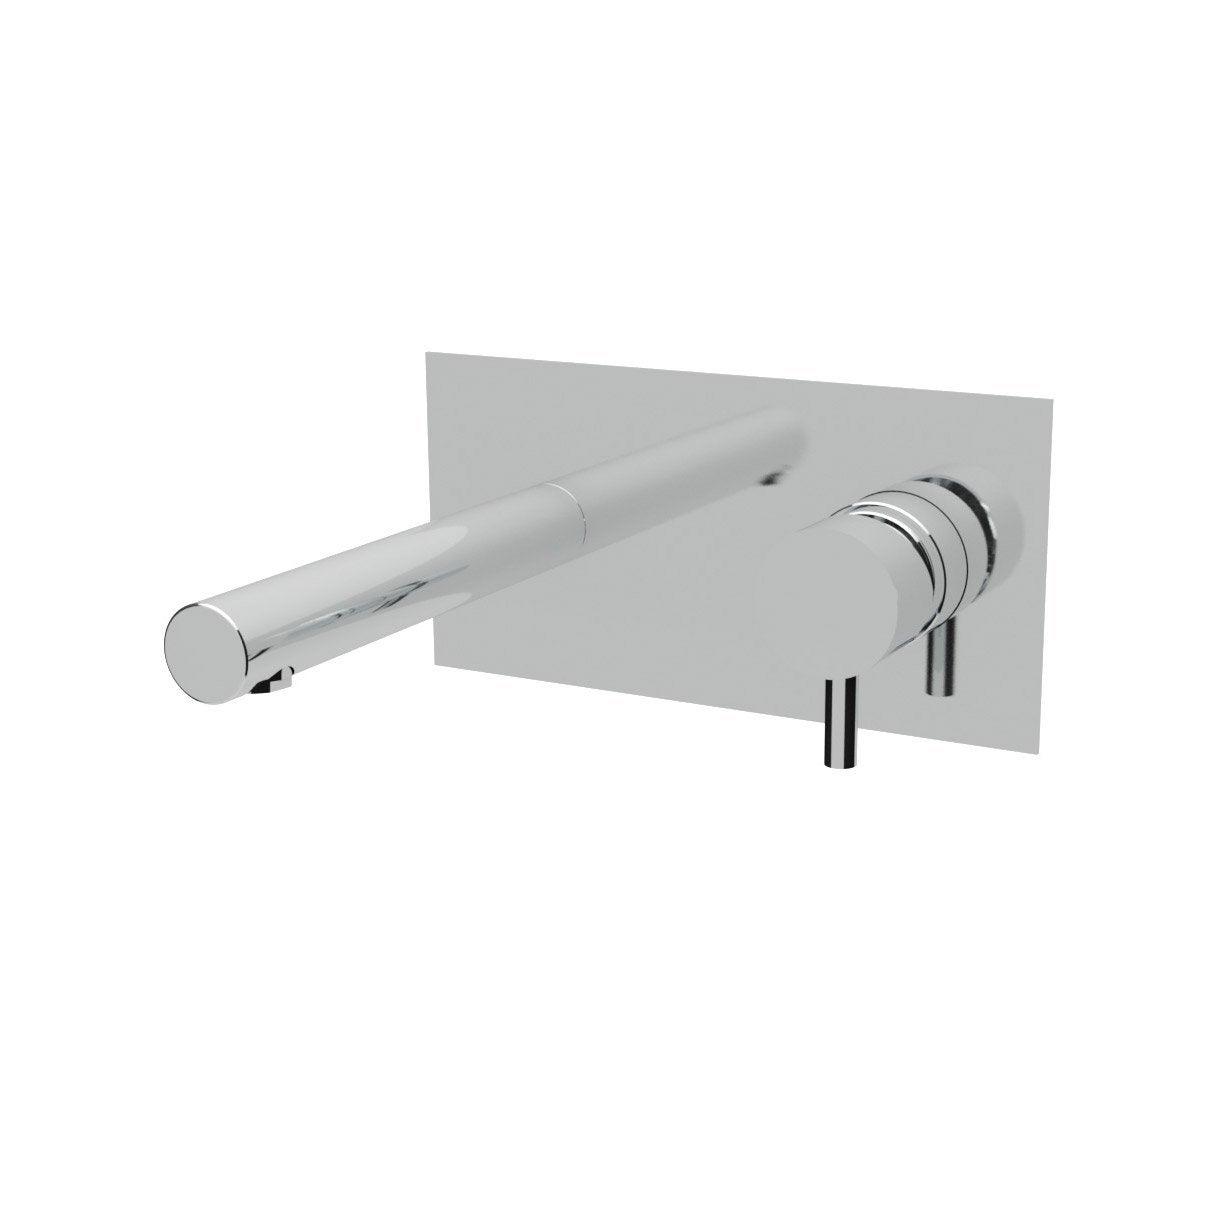 robinet lavabo mural leroy merlin. Black Bedroom Furniture Sets. Home Design Ideas